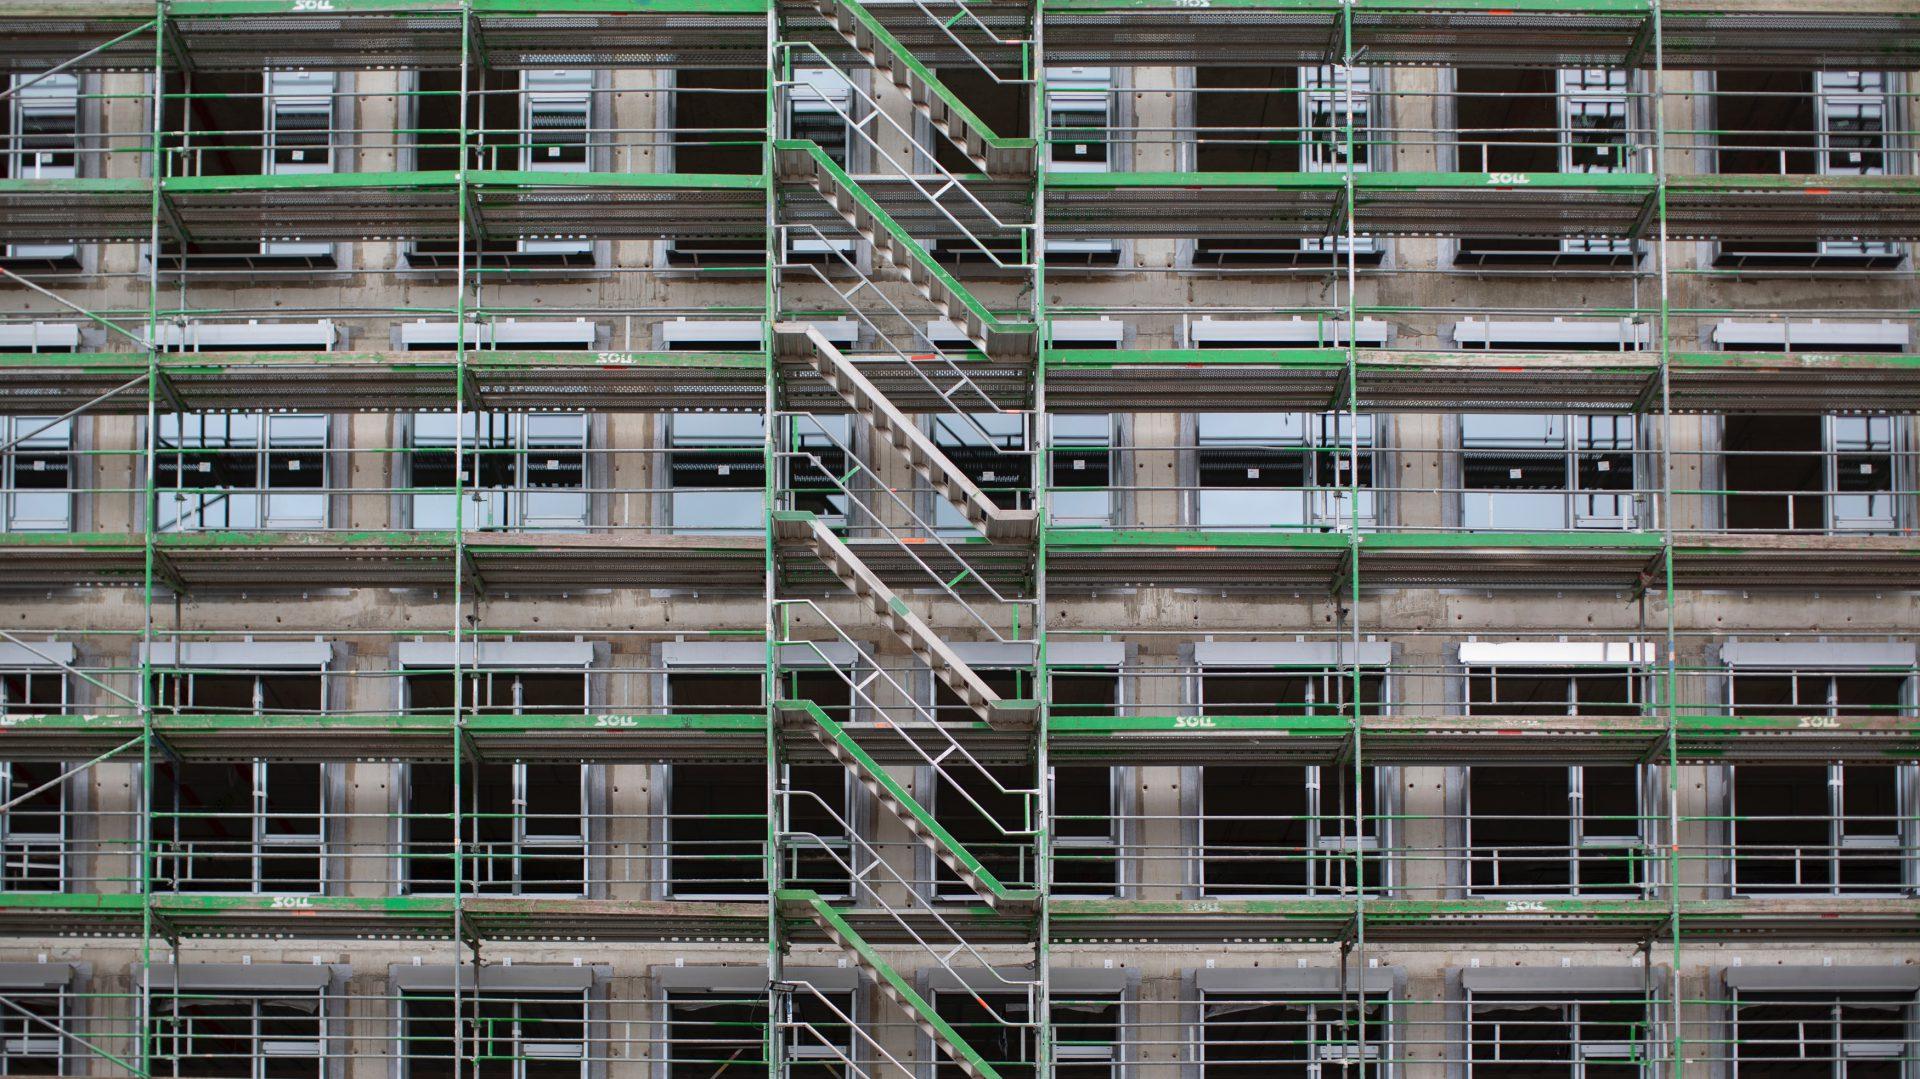 BWM Rusztowania | Rusztowania Kraków, wynajem rusztowań kraków, dzierżawa rusztowań kraków, rusztowania aluminiowe kraków, rusztowania elewacyjne kraków